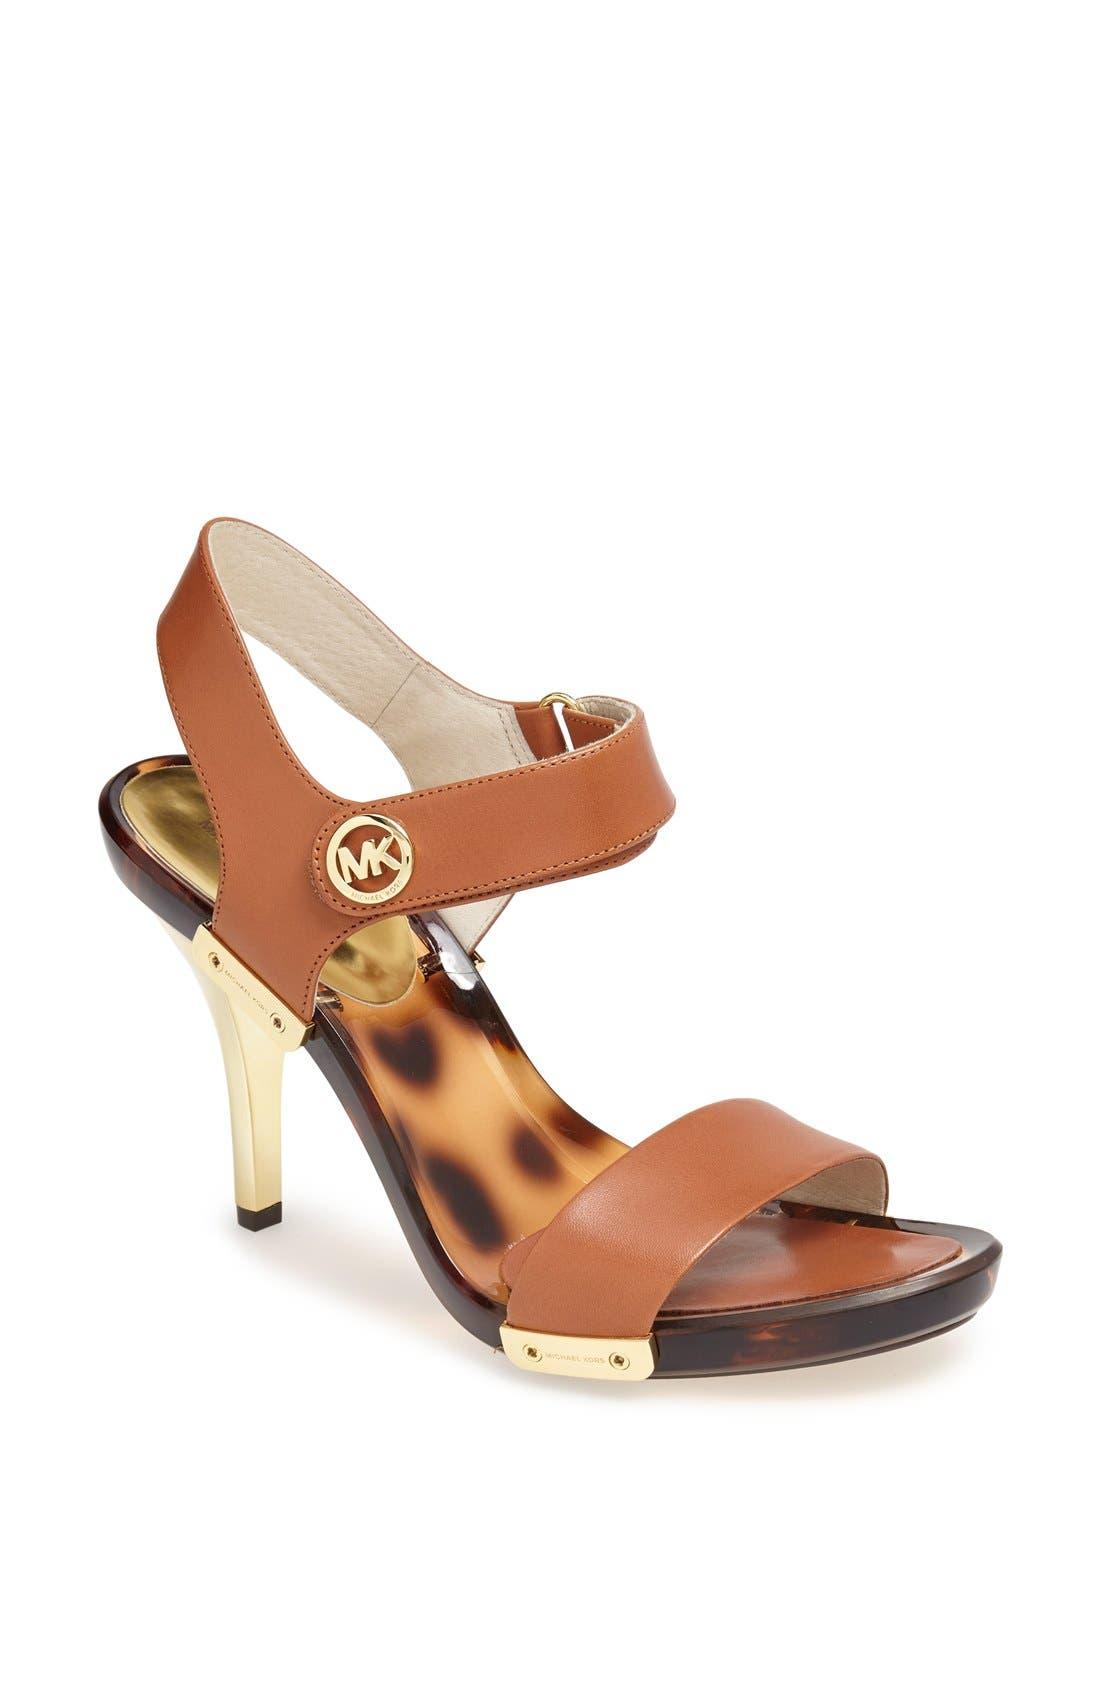 Main Image - MICHAEL Michael Kors 'Lani' Patent Leather Sandal